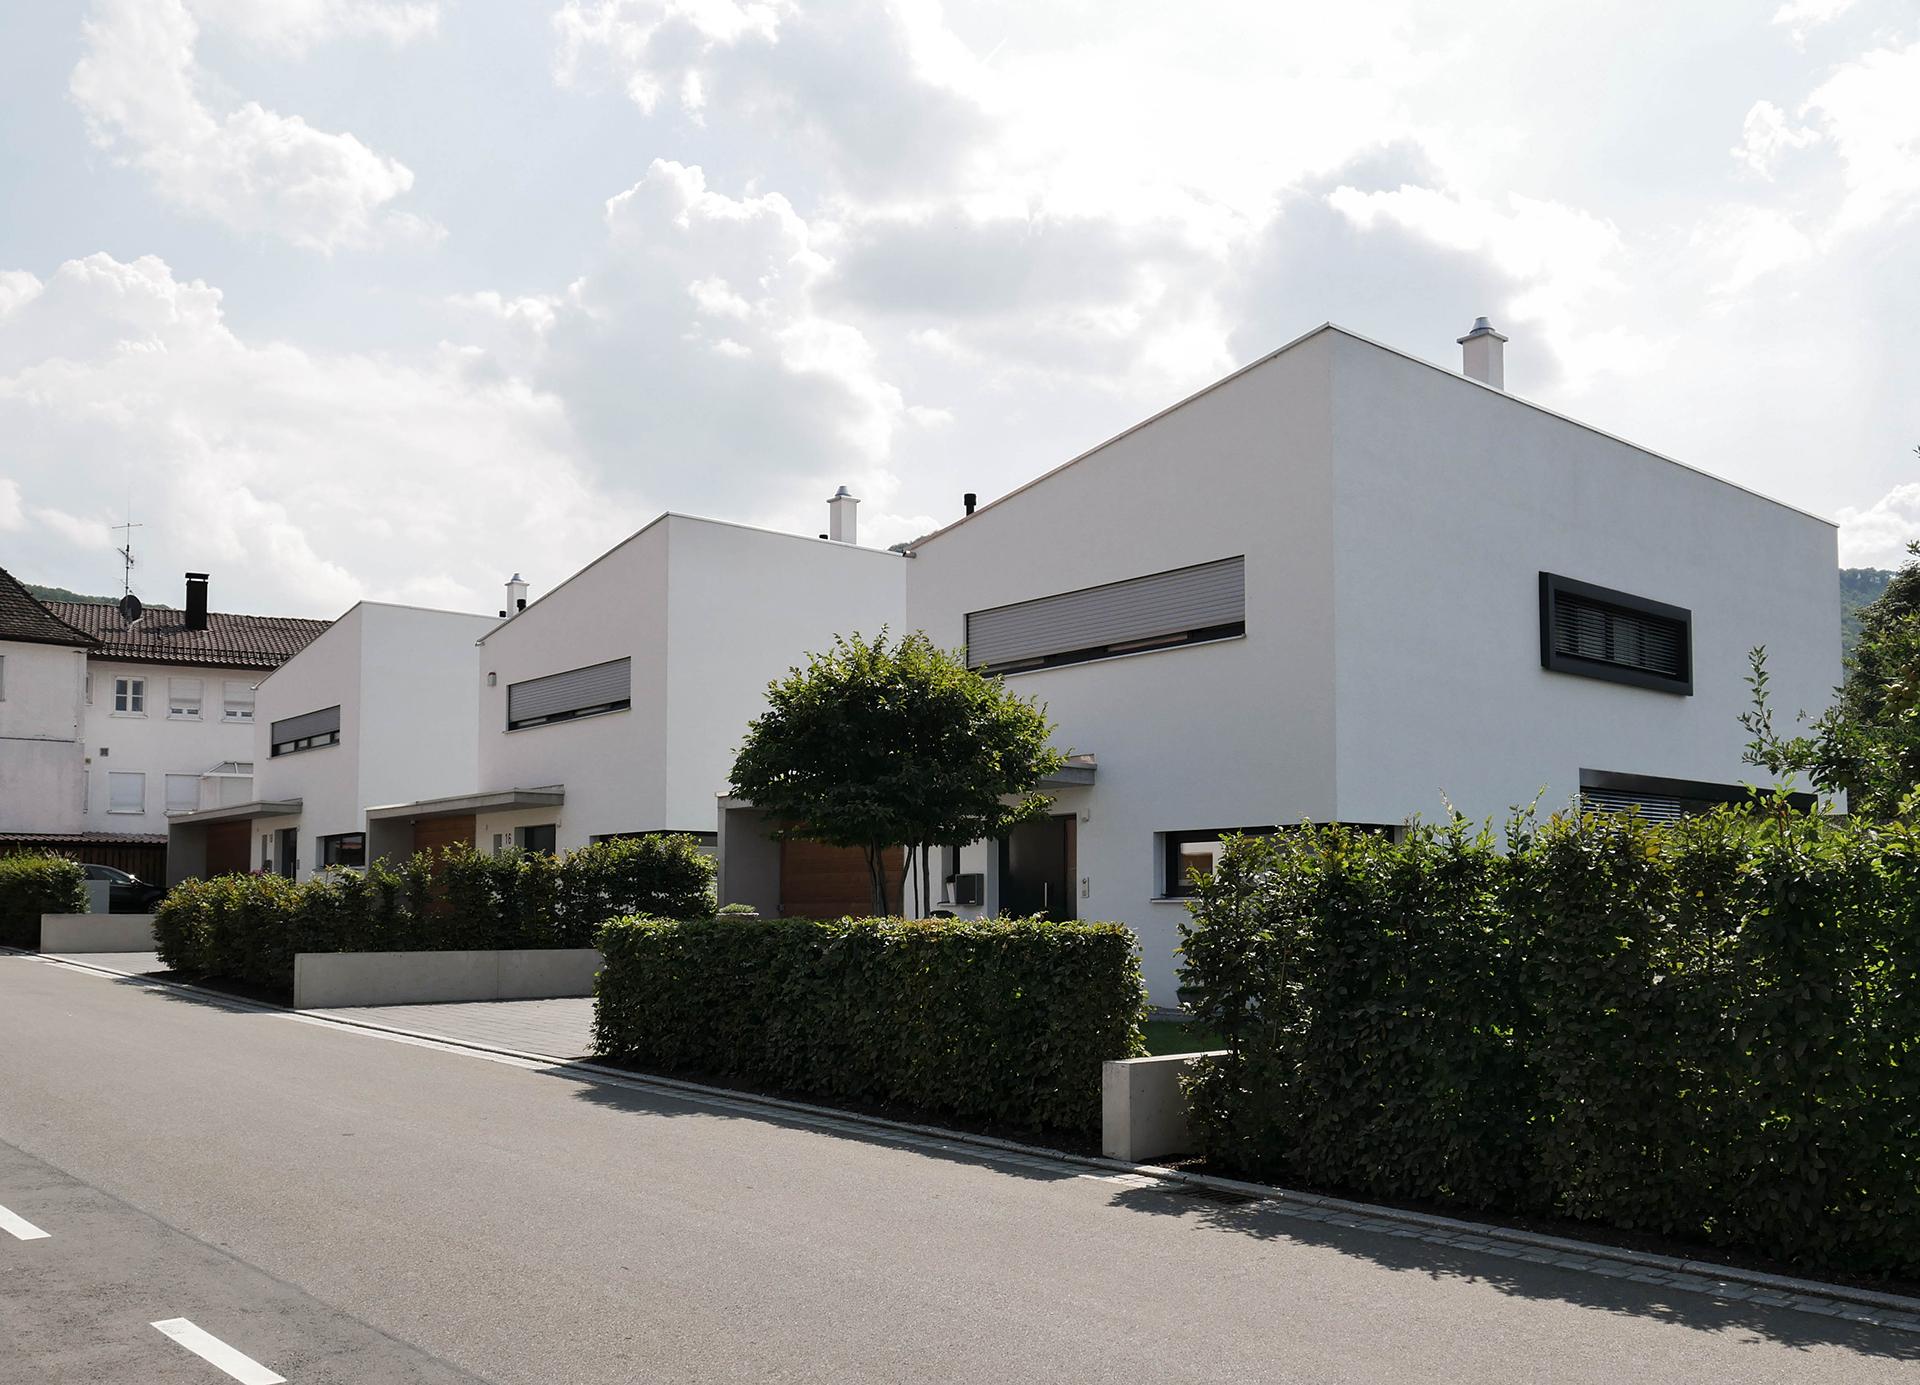 3 Einfamilienhäuser in Beuren